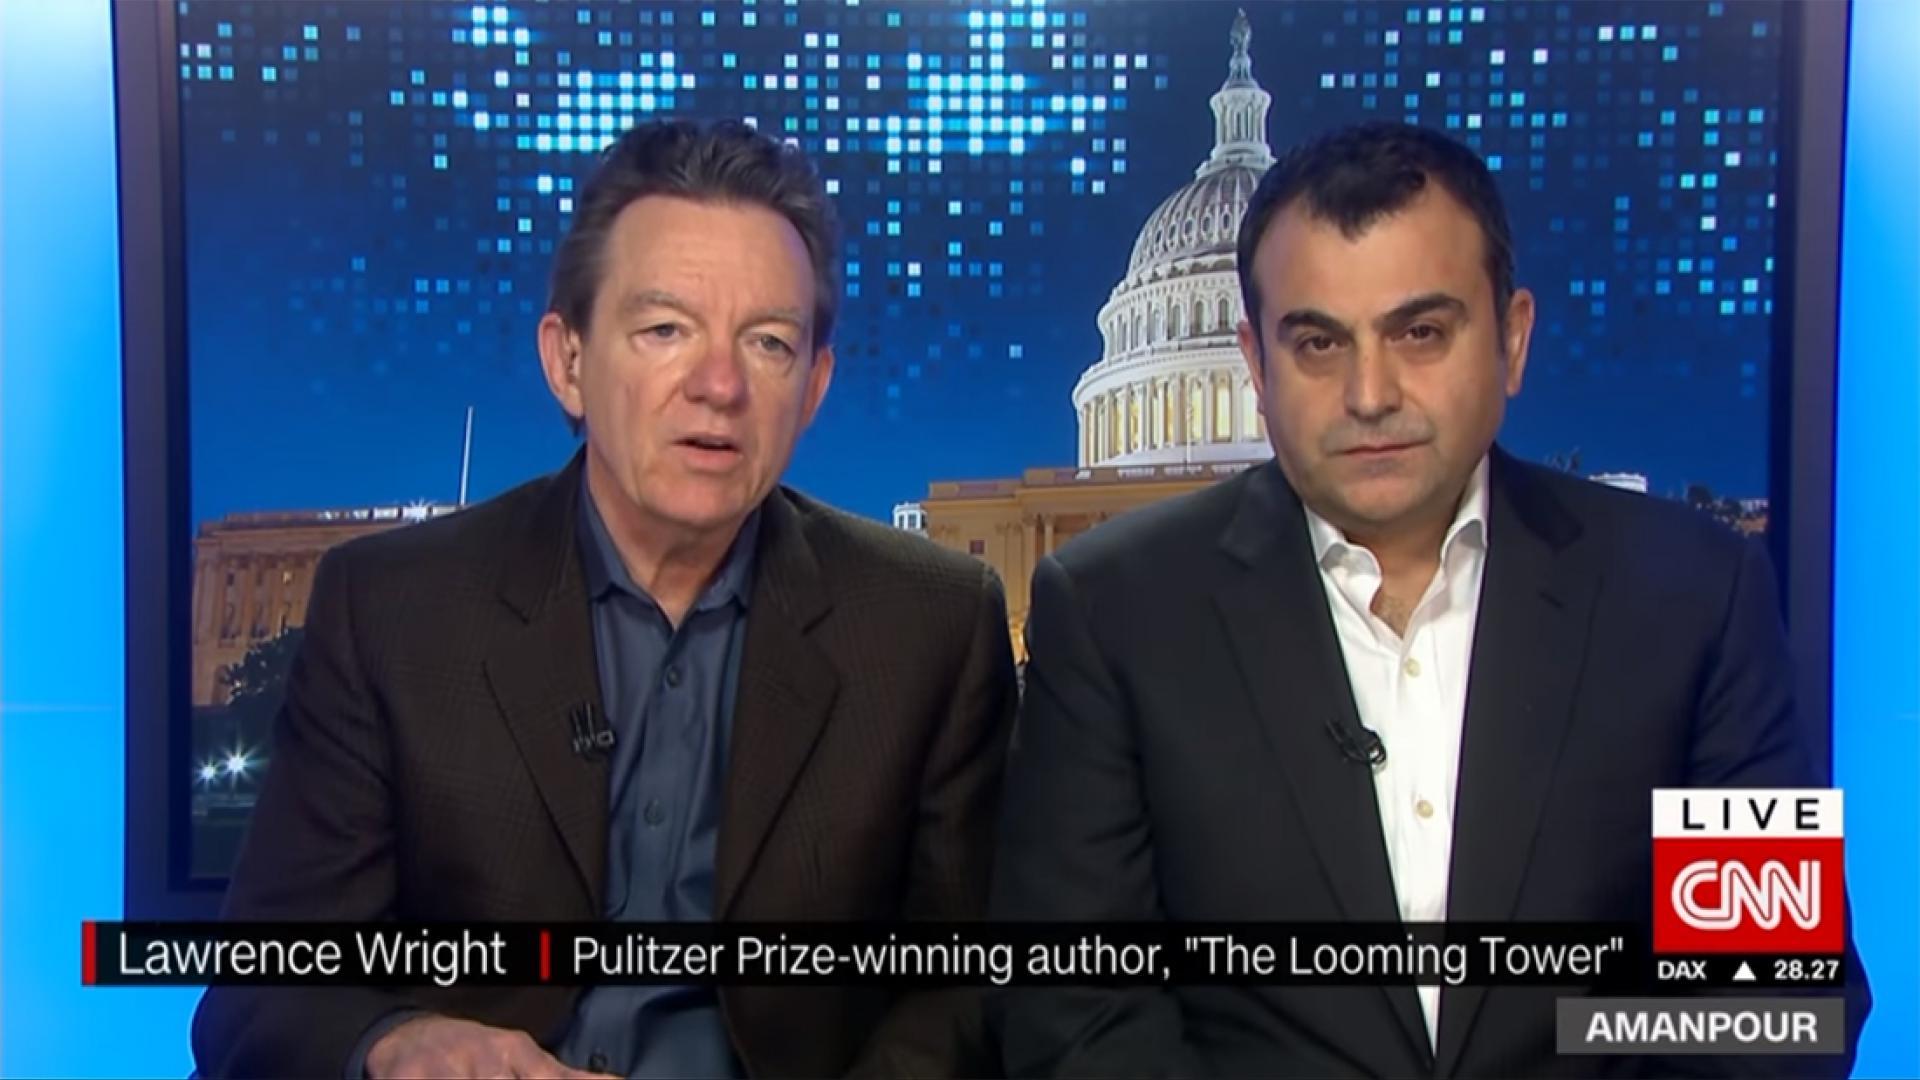 كاتب فائز بجائزة بوليتزر لـCNN: إن لم يُحمّل أحد مسؤولية مقتل خاشقجي فمن سيكون آمنا؟